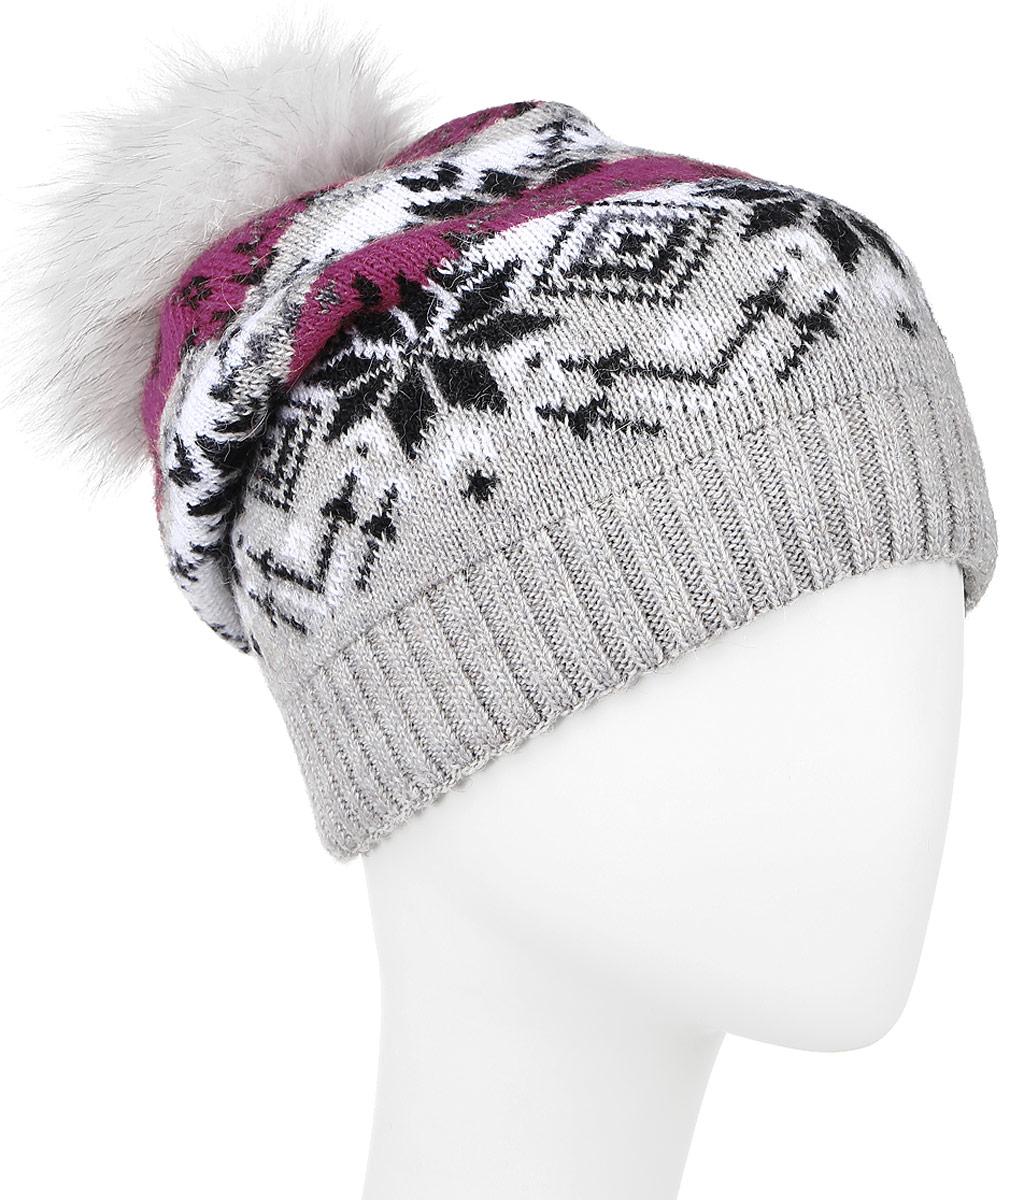 ШапкаW16-12121_211Теплая женская шапка Finn Flare, выполненная из высококачественной пряжи, отлично дополнит ваш образ в холодную погоду. Модель дополнена металлической пластиной с названием бренда и пушистым помпоном из натурального меха. По низу связана резинкой. Уважаемые клиенты! Размер, доступный для заказа, является обхватом головы.